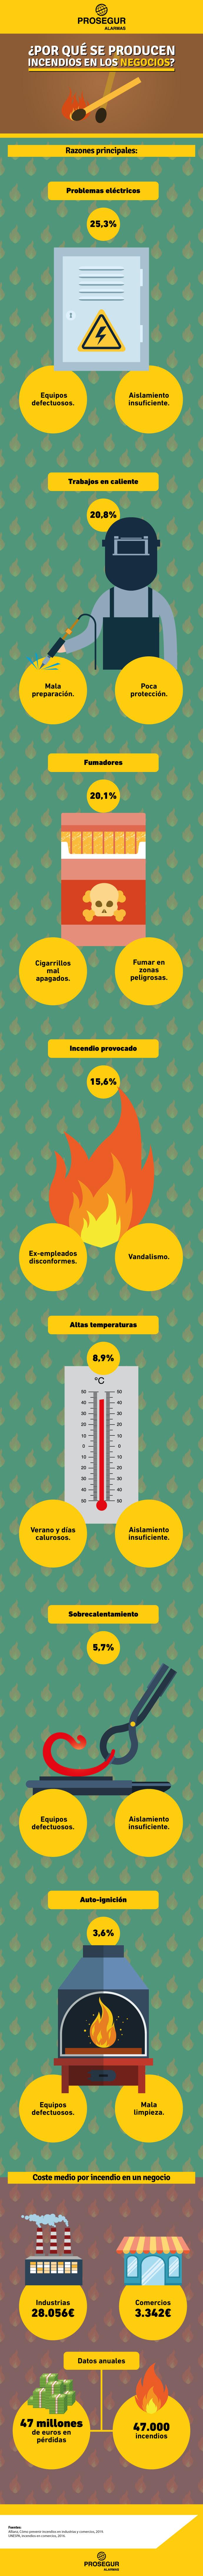 Razones por las que se producen incendios en negocios - Blog Prosegur.